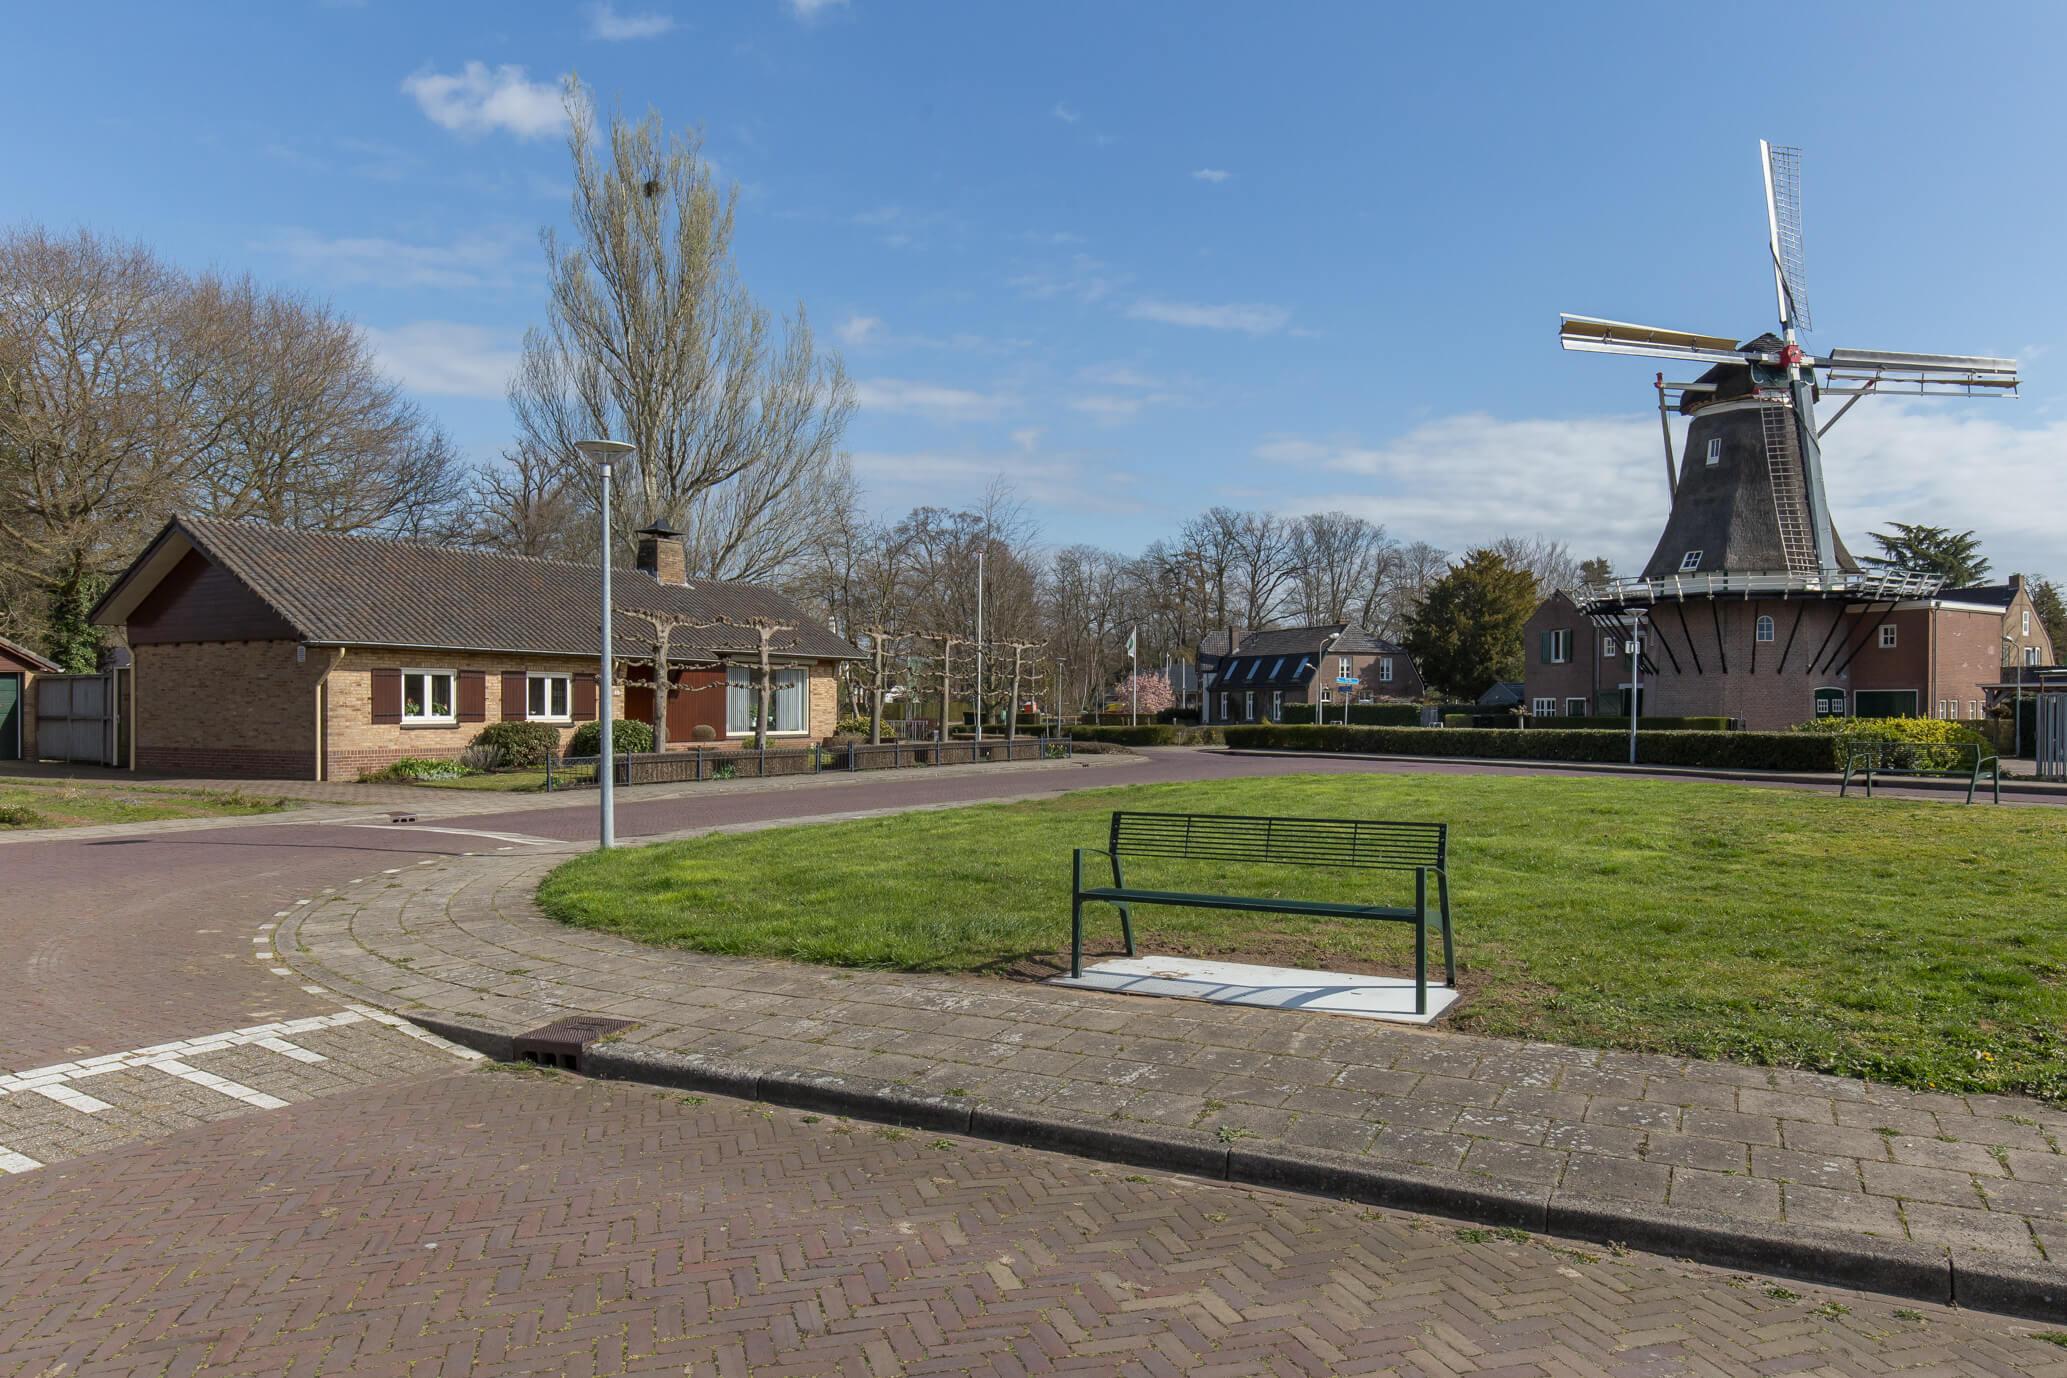 Vrijstaande (semi)bungalow met fraai uitzicht op Vordense molen